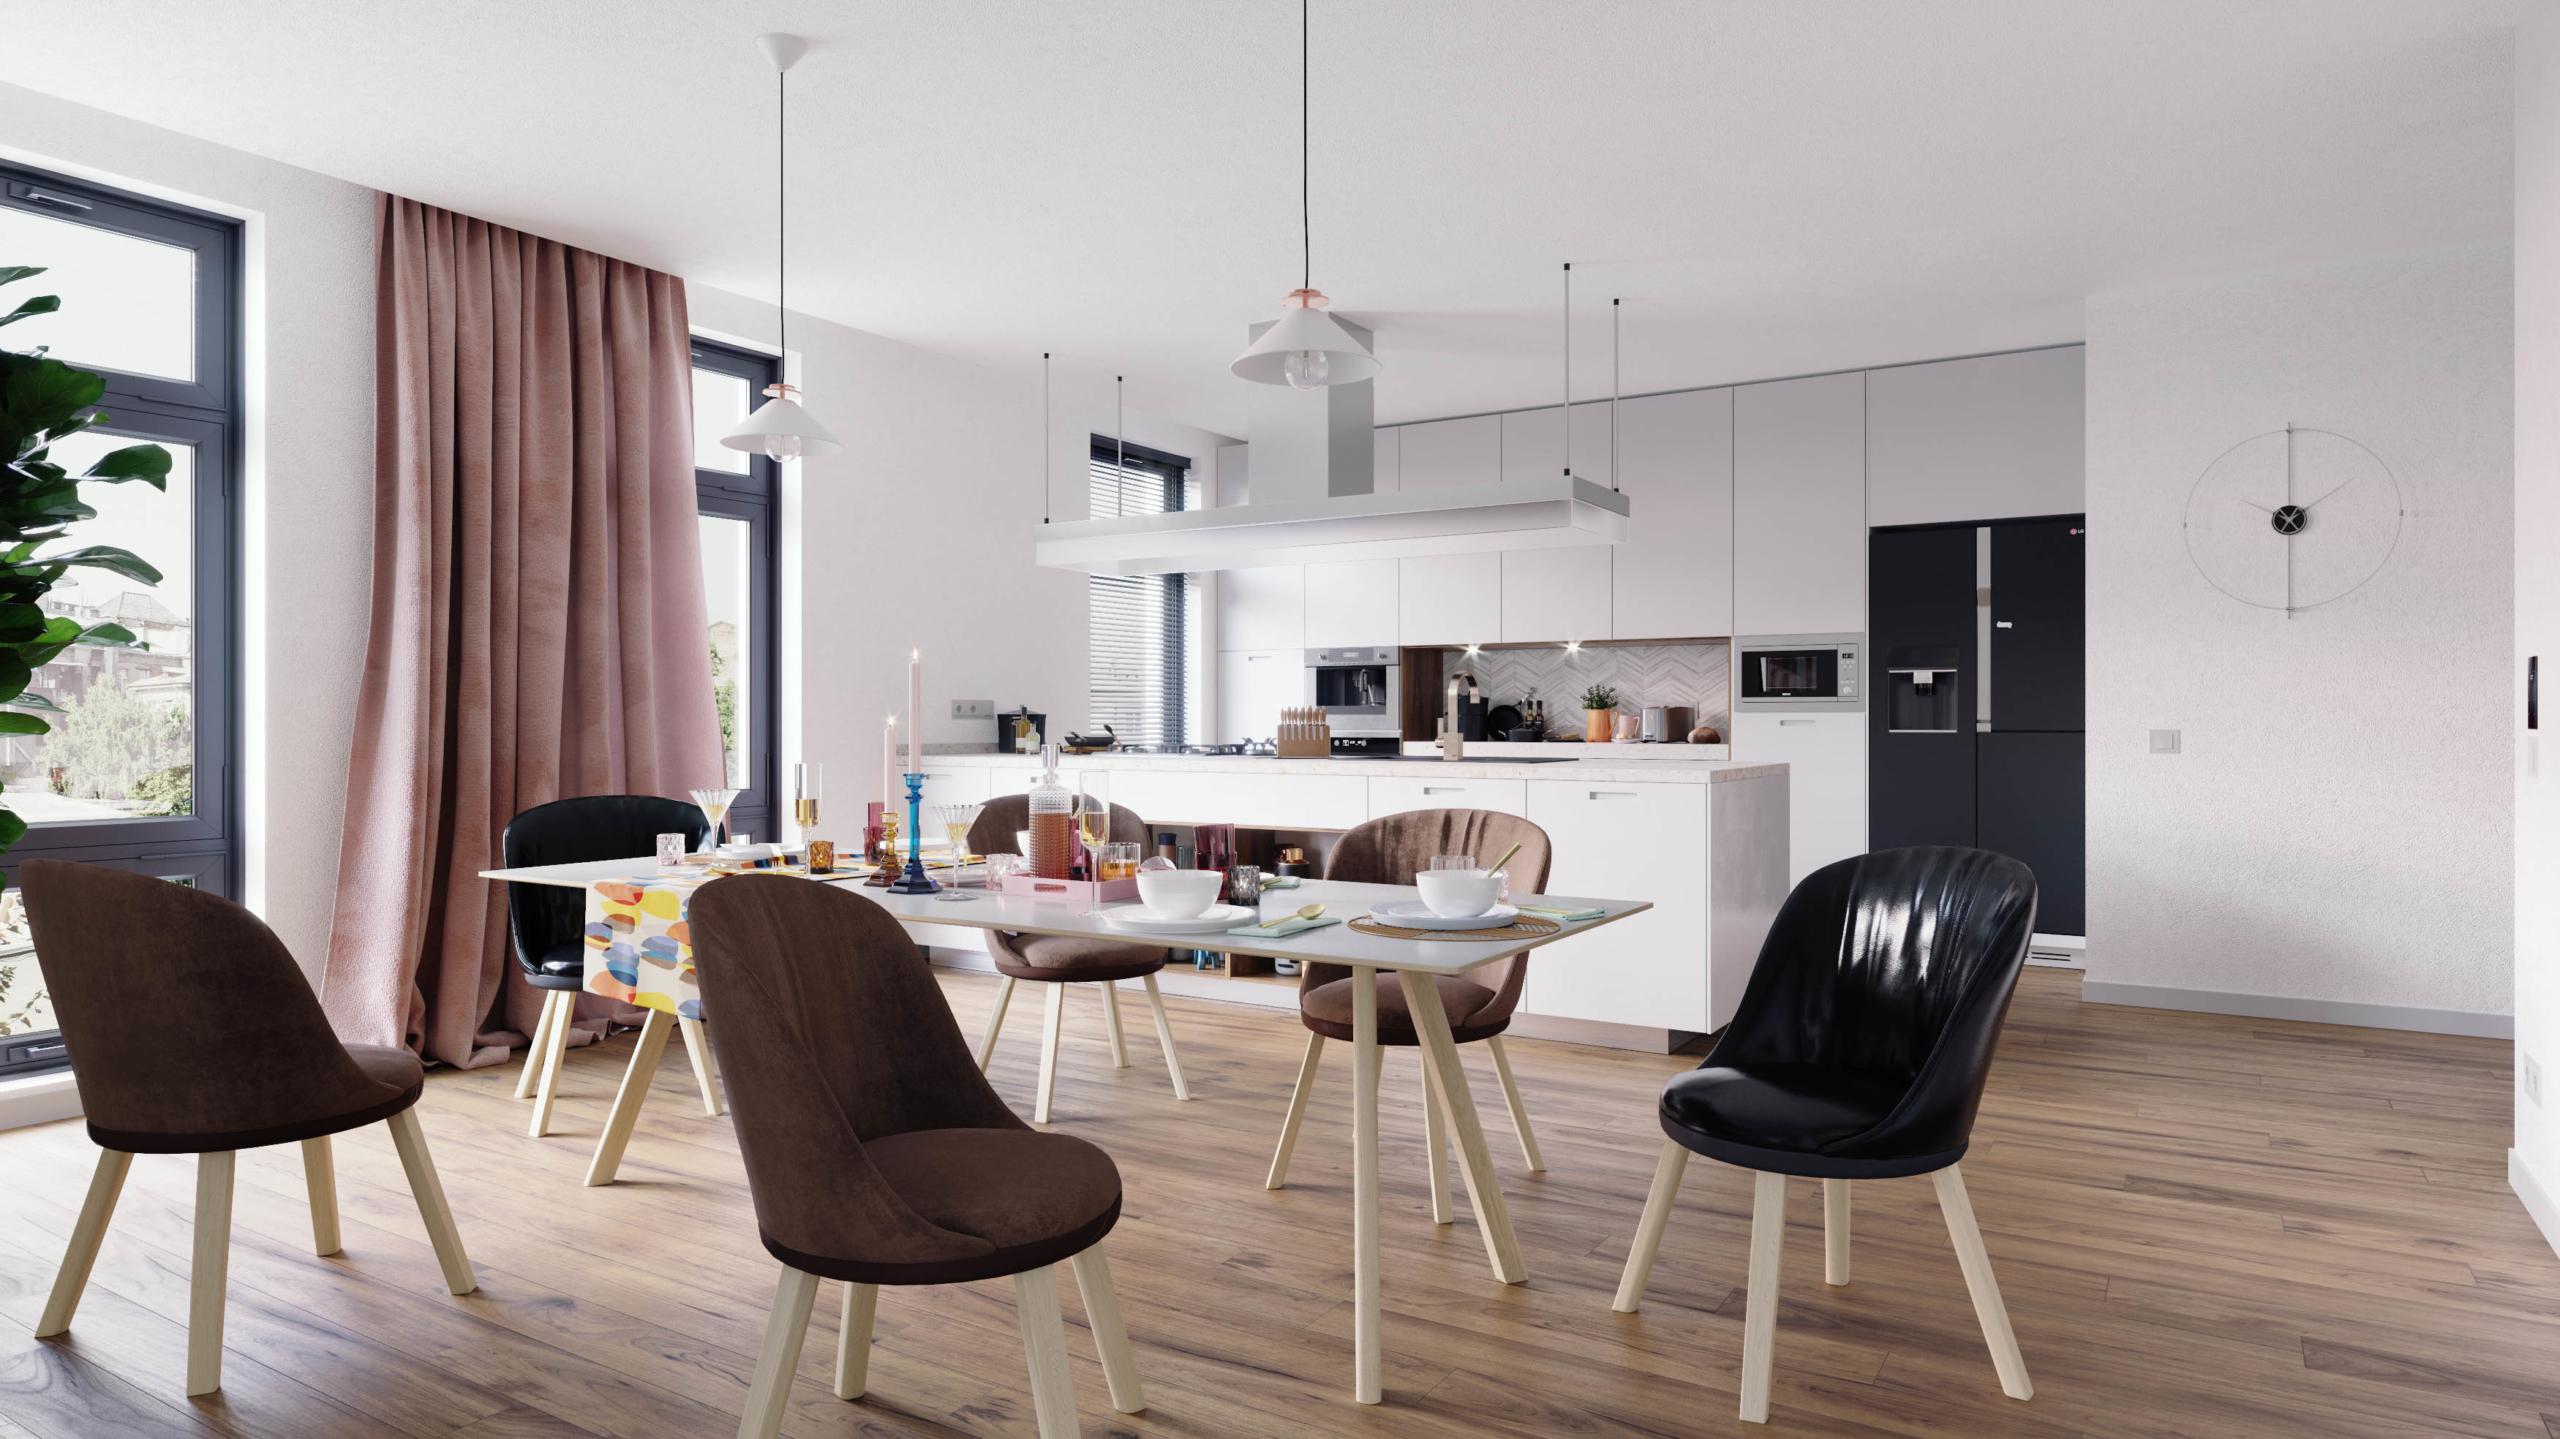 koskinen_two_room_flat